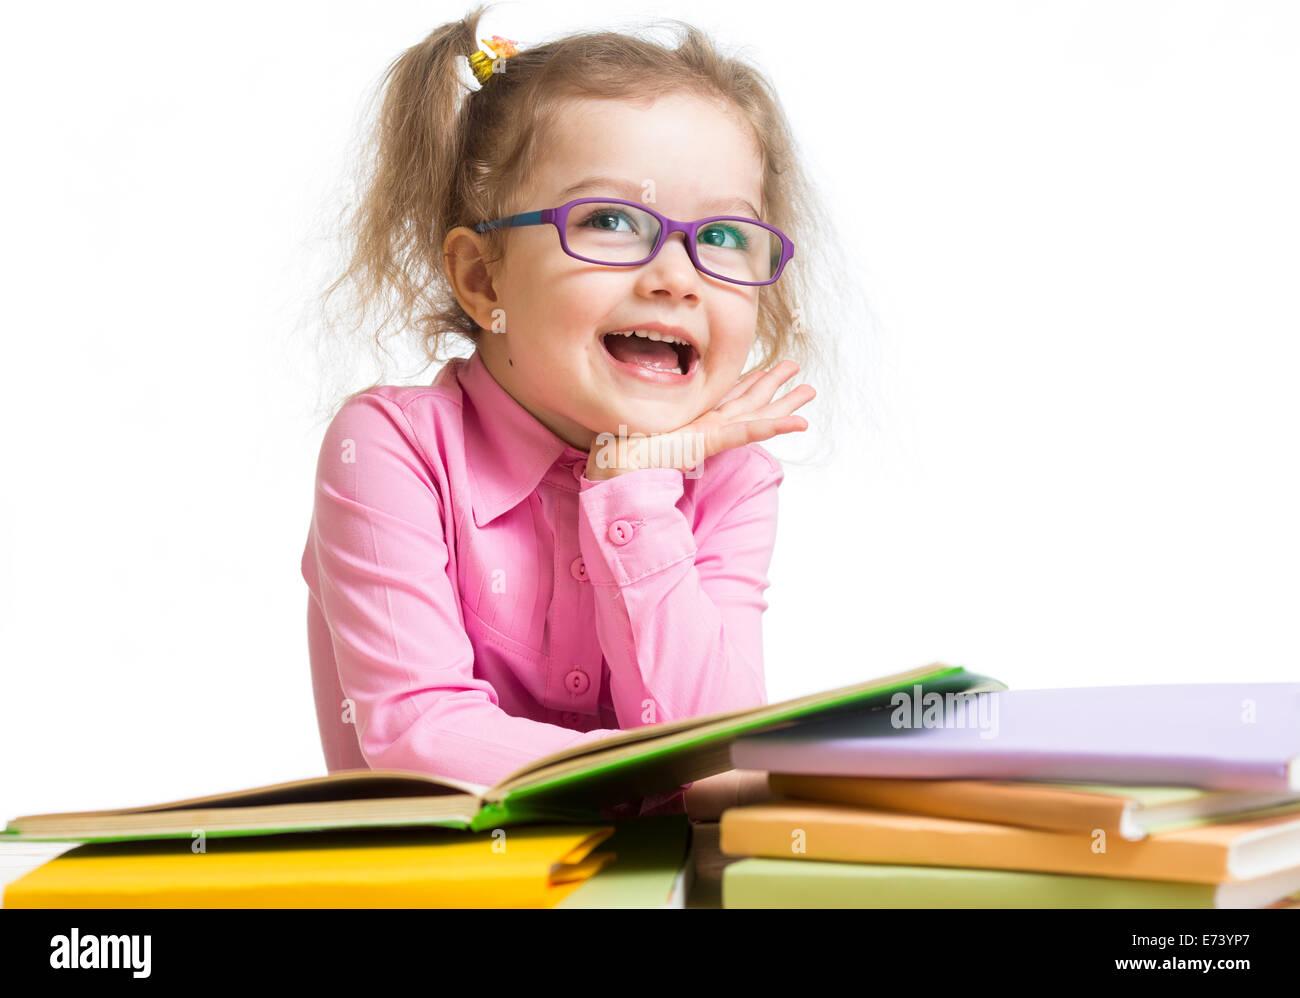 Funny kid girl in glasses reading books - Stock Image